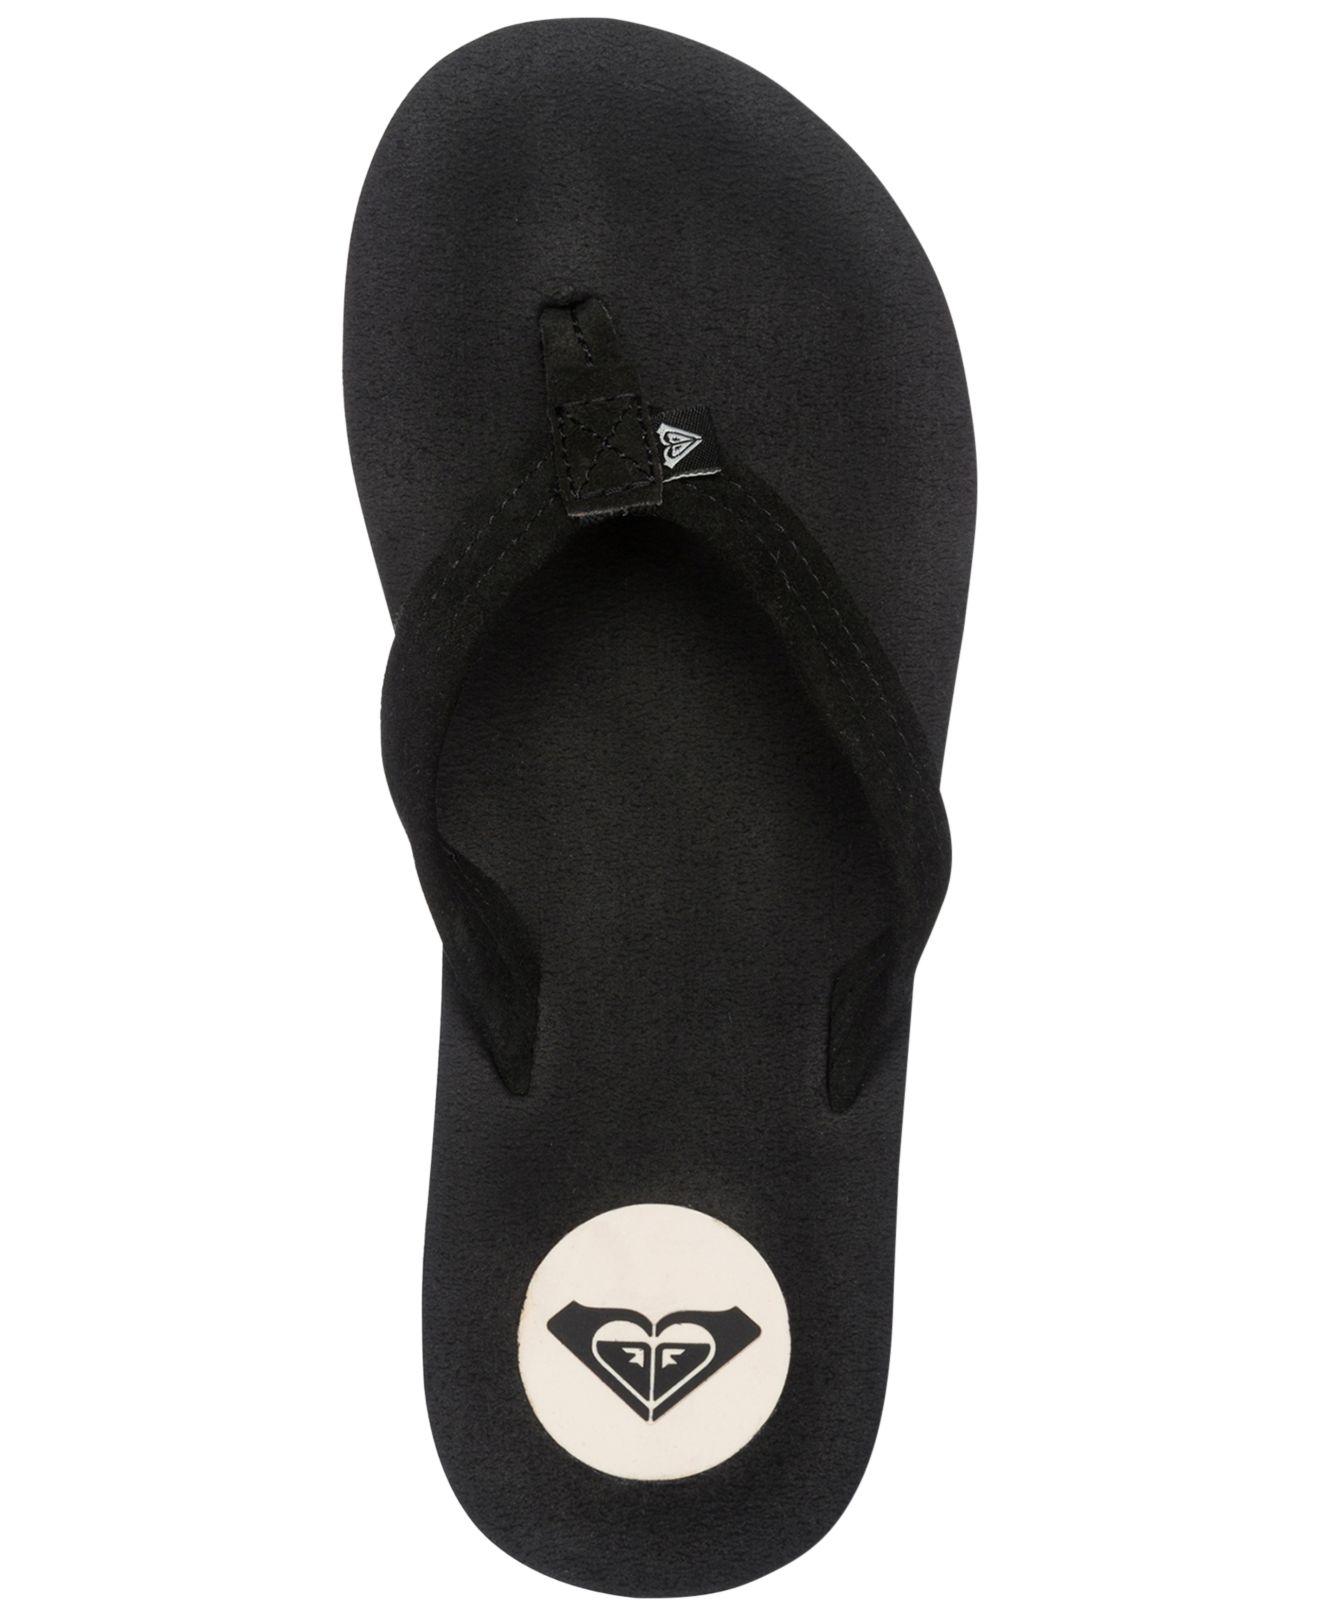 Roxy Black Flip Flops